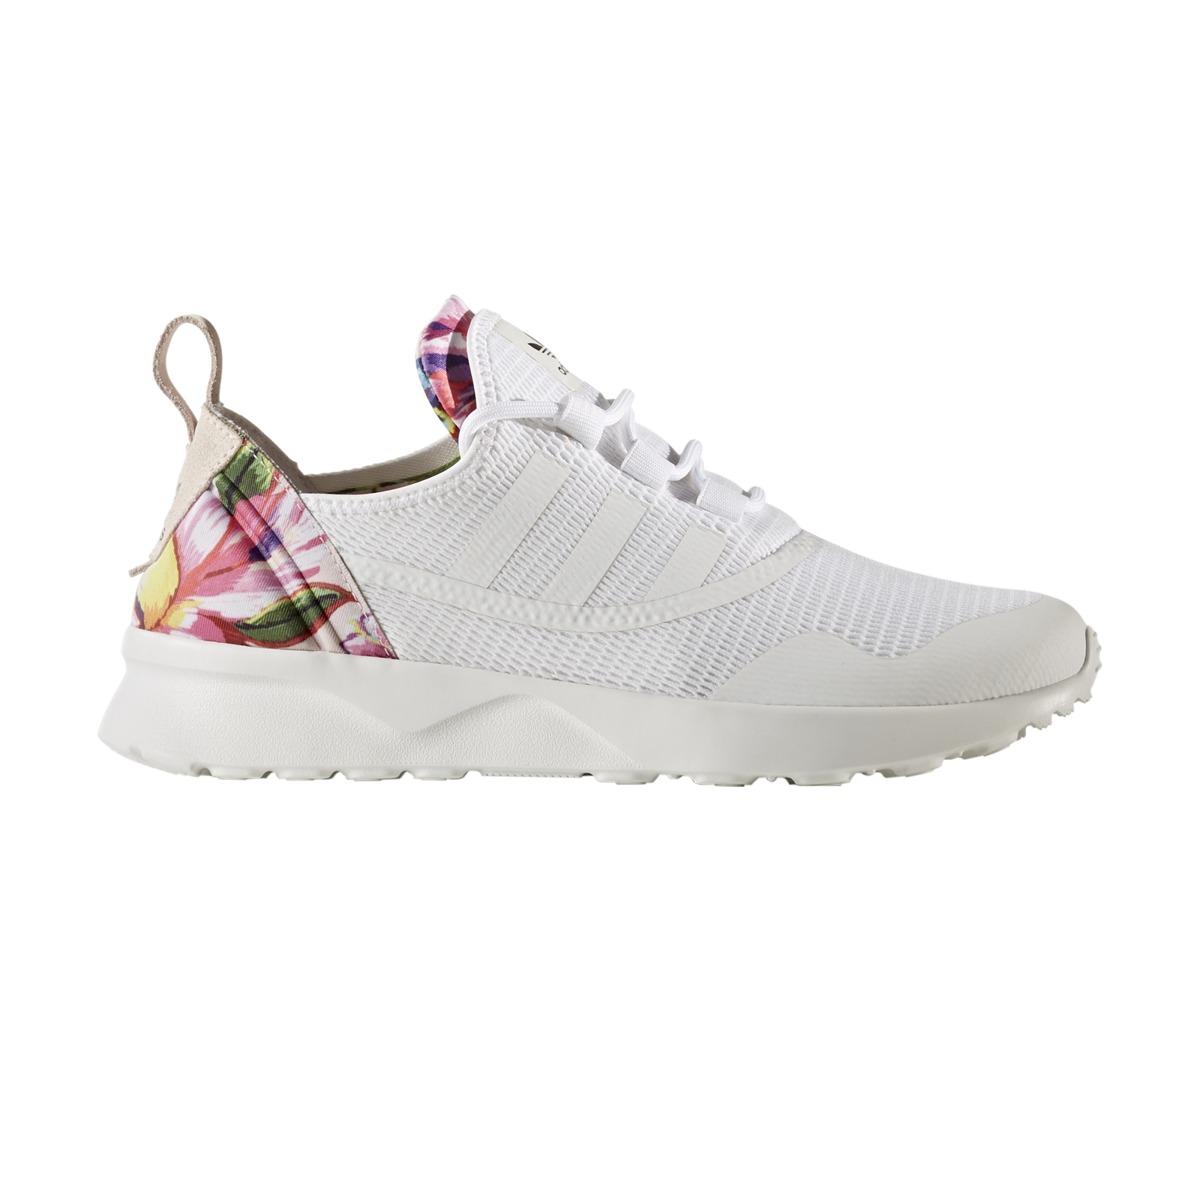 Cargando originals adv flux zapatillas zoom zx w virtue blbl mujer adidas 4gqW5z